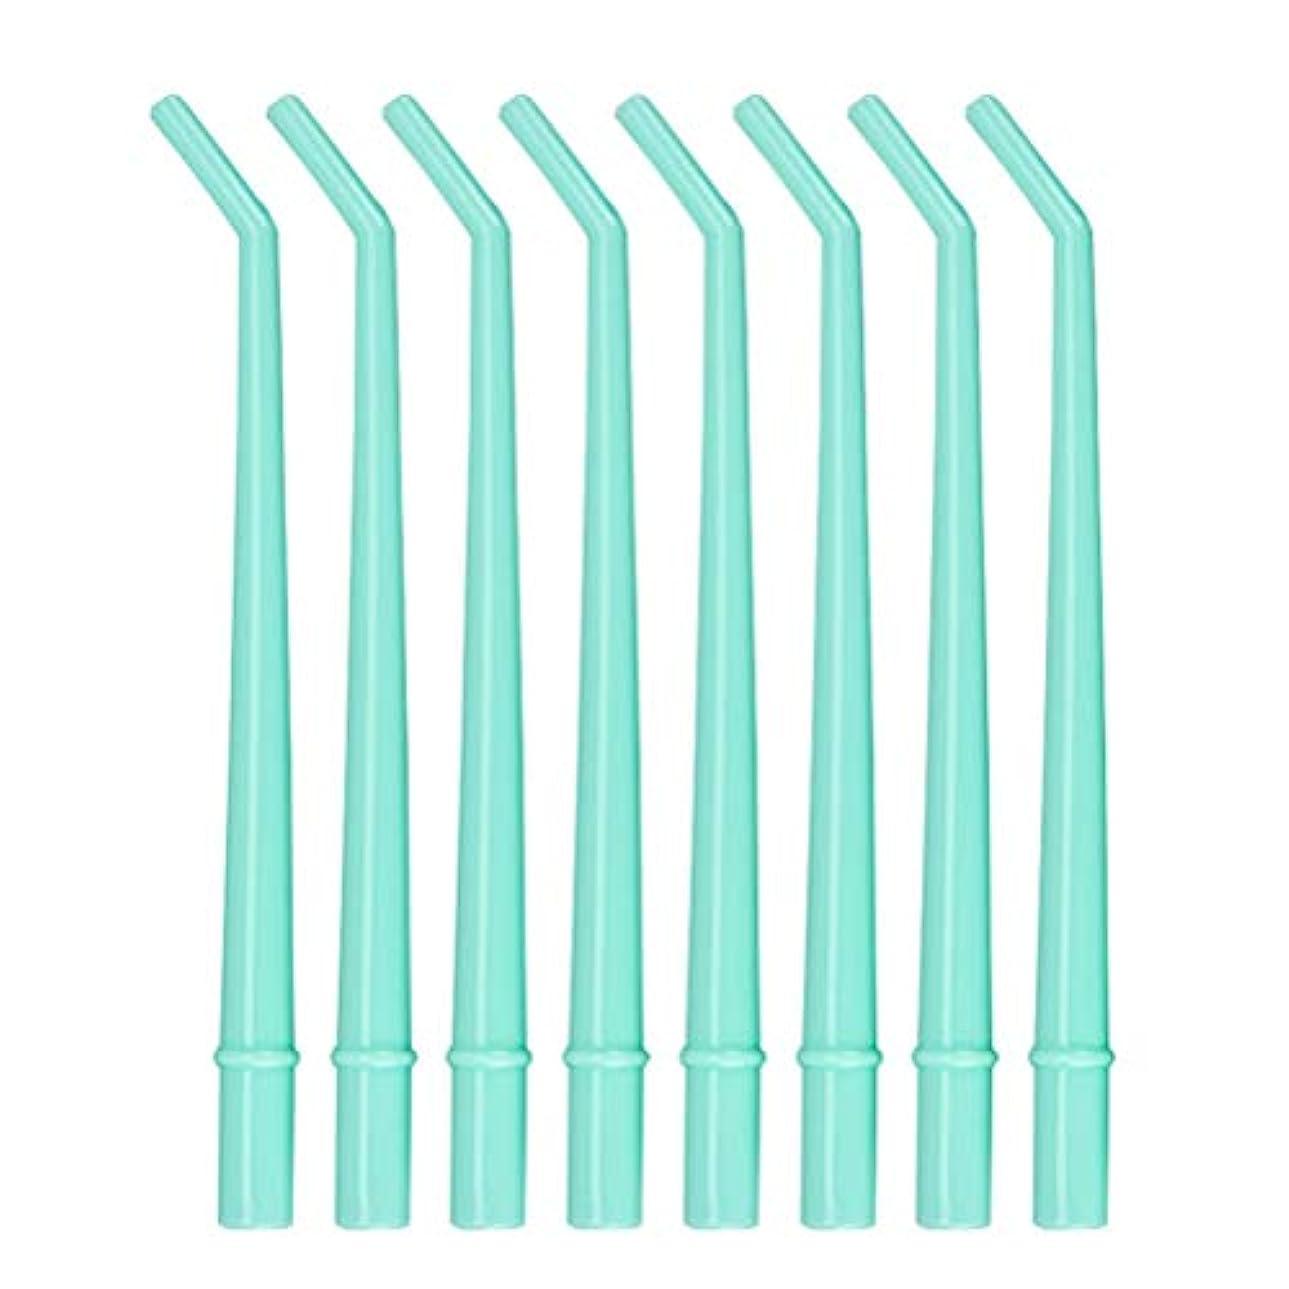 Healifty 25PCS使い捨て歯科手術用吸引器吸引チューブ湾曲したヒント歯科唾液エジェクタのヒント(グリーン)